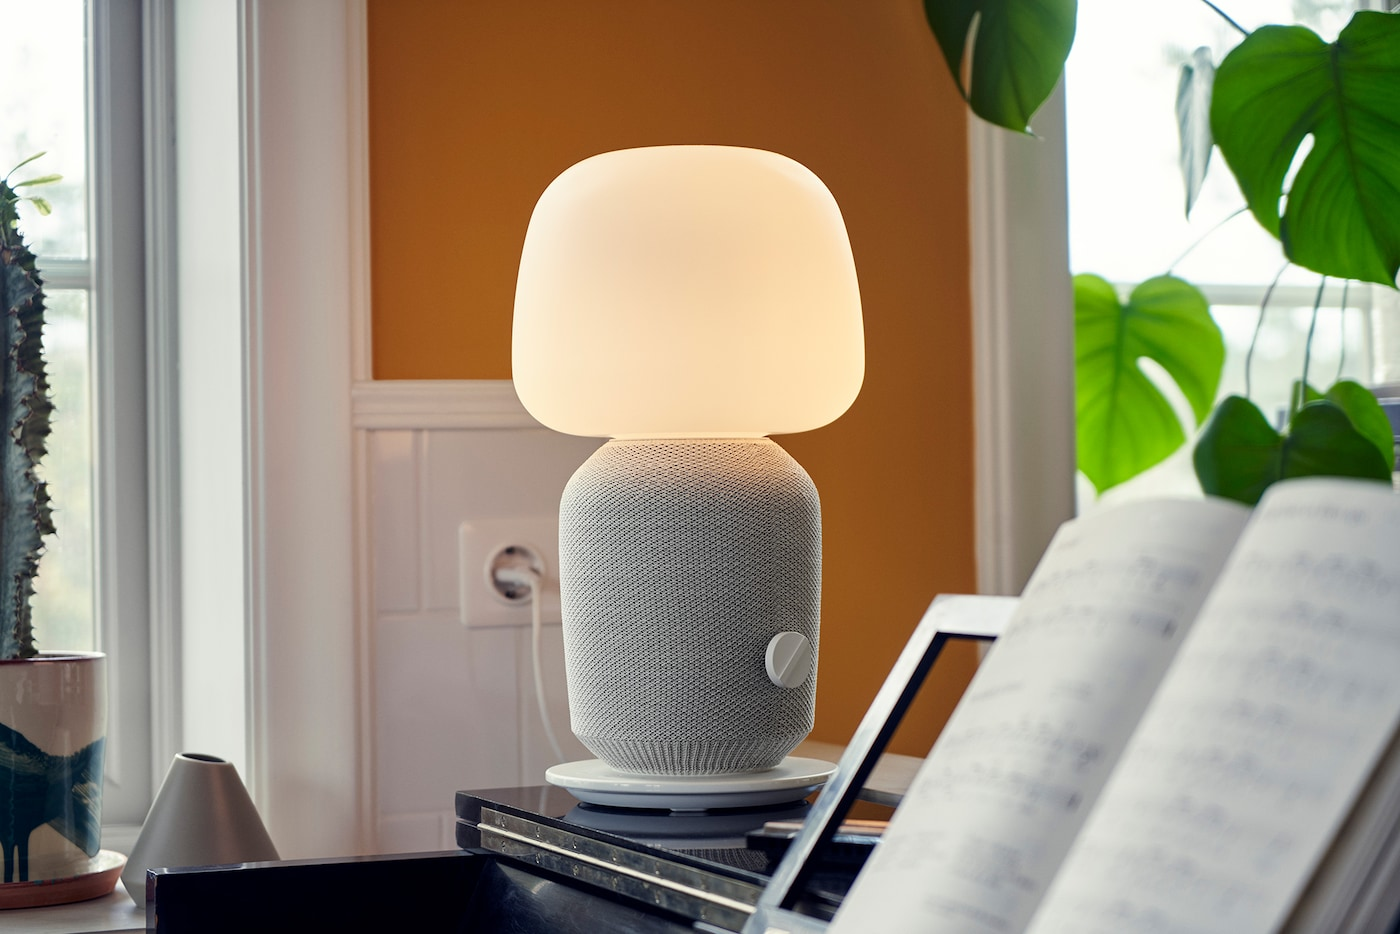 De SYMFONISK tafellampspeaker staat op een piano, op de muziekstandaard staat een partituur en op de achtergrond zien we planten en ramen.